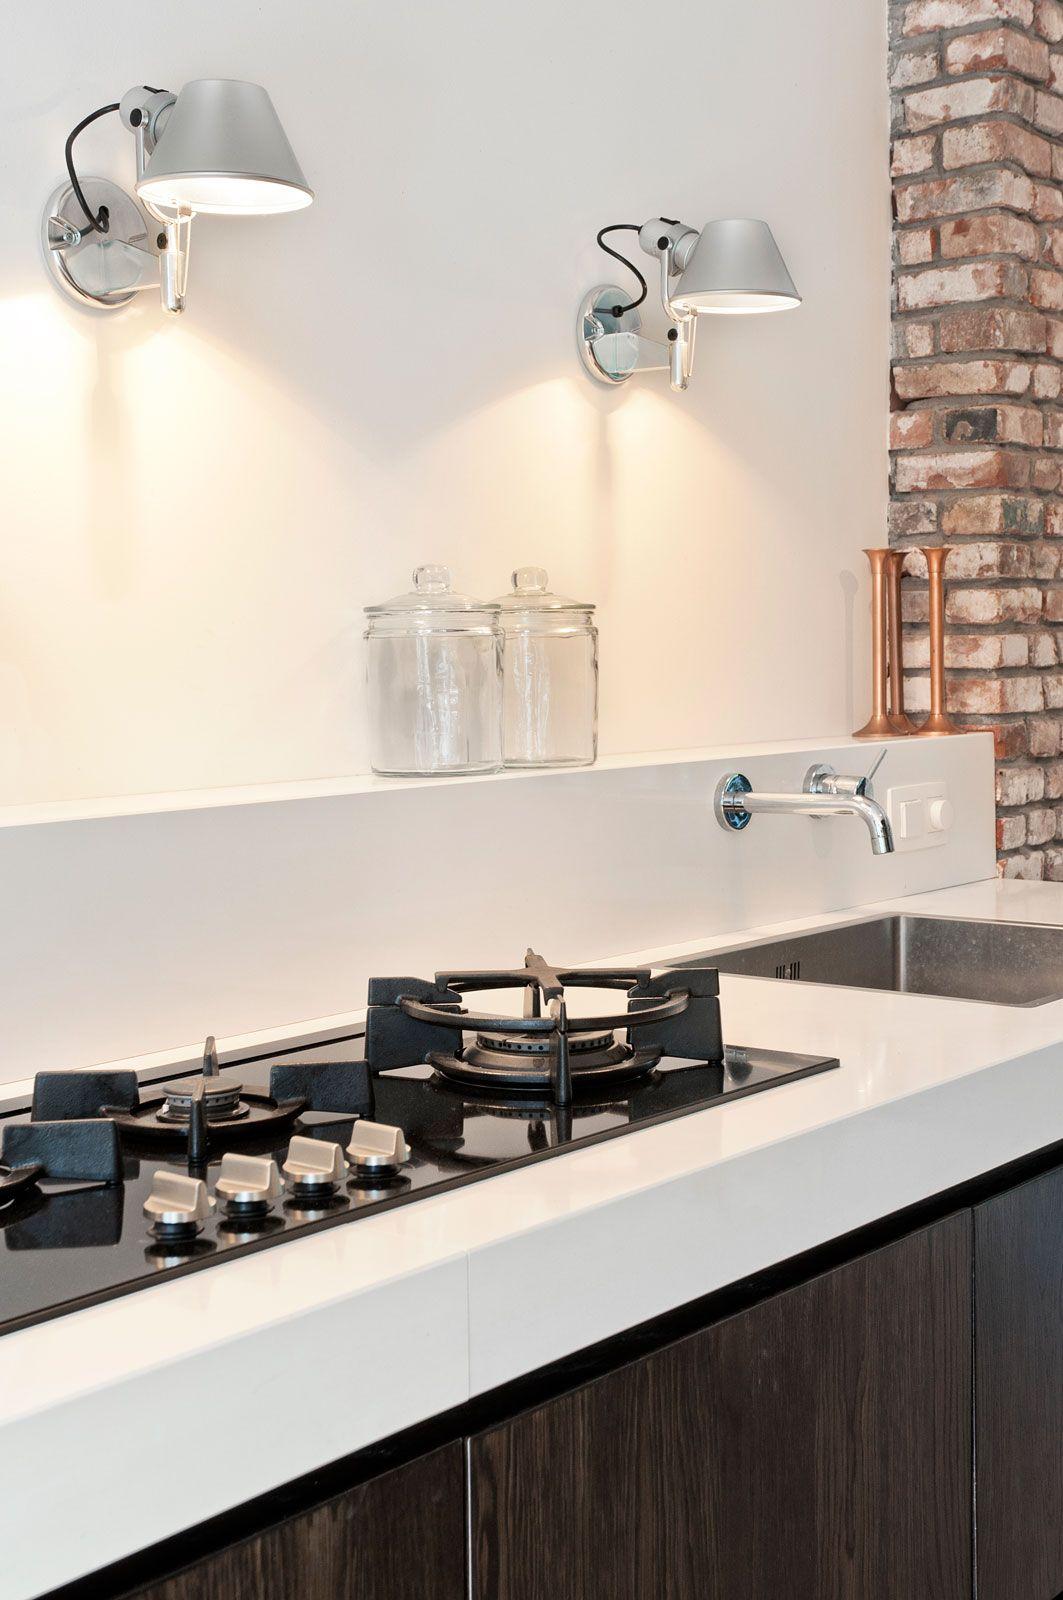 pin von johanna dietz auf m bel pinterest haus k chen neue k che und innenarchitektur k che. Black Bedroom Furniture Sets. Home Design Ideas